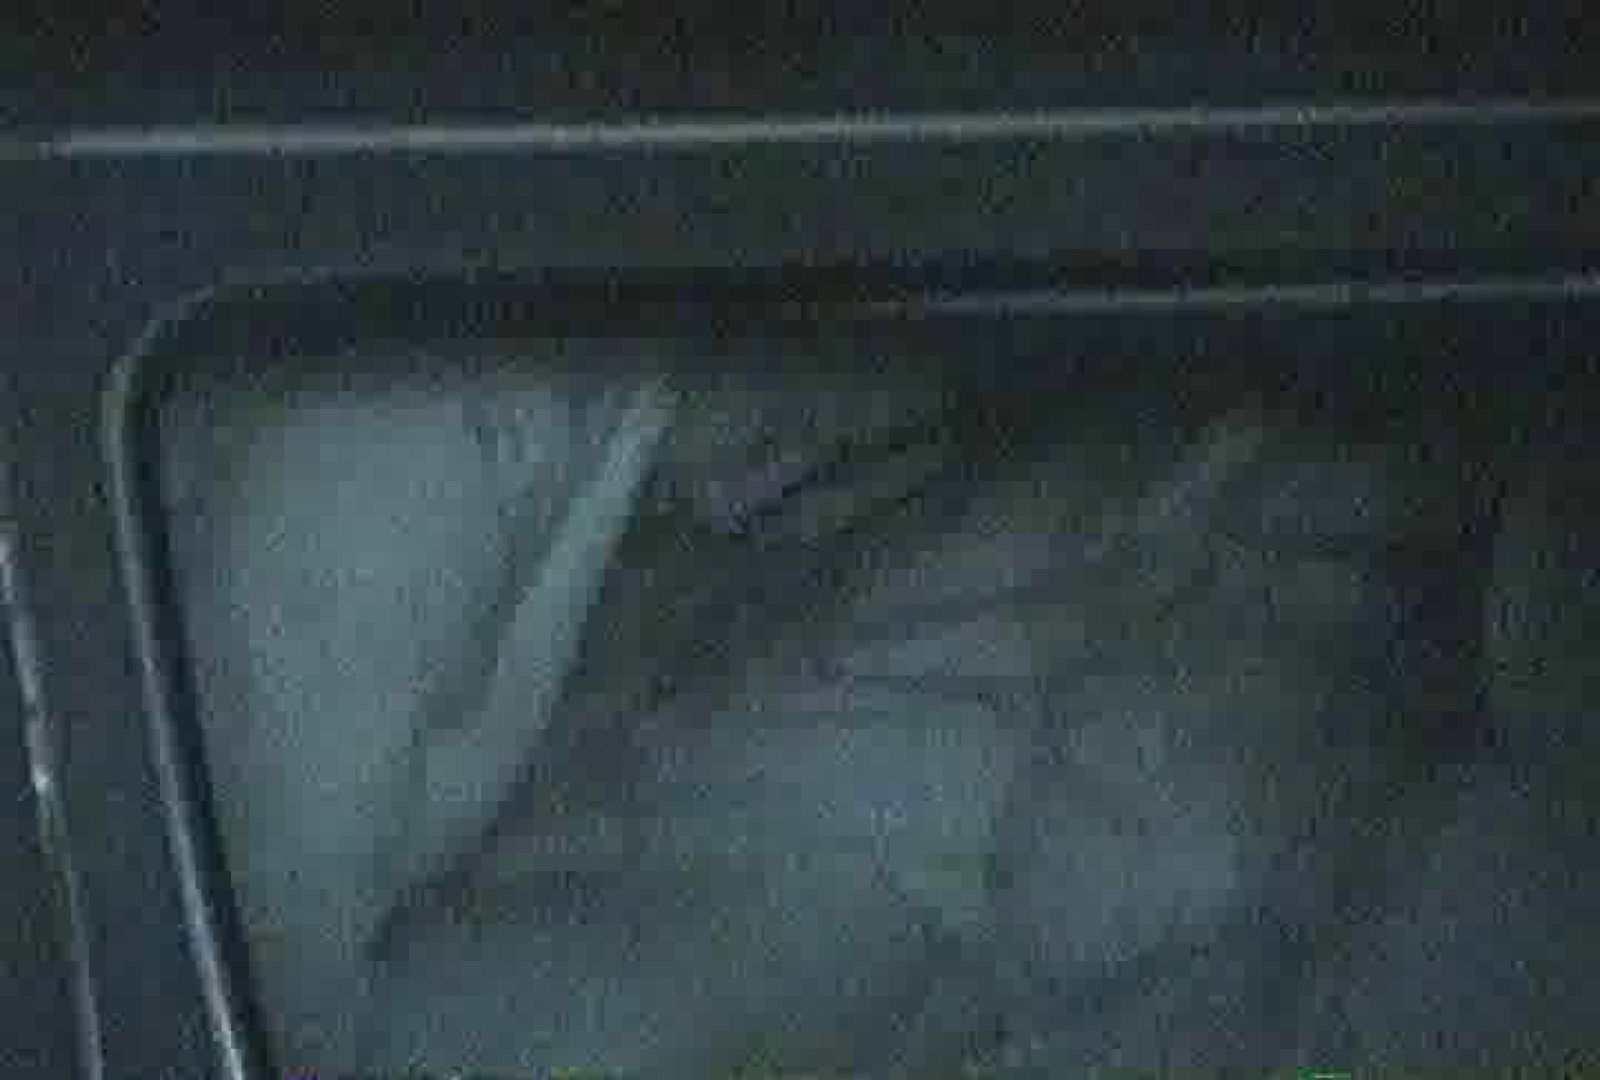 充血監督の深夜の運動会Vol.48 現役ギャル のぞき動画画像 95pic 56